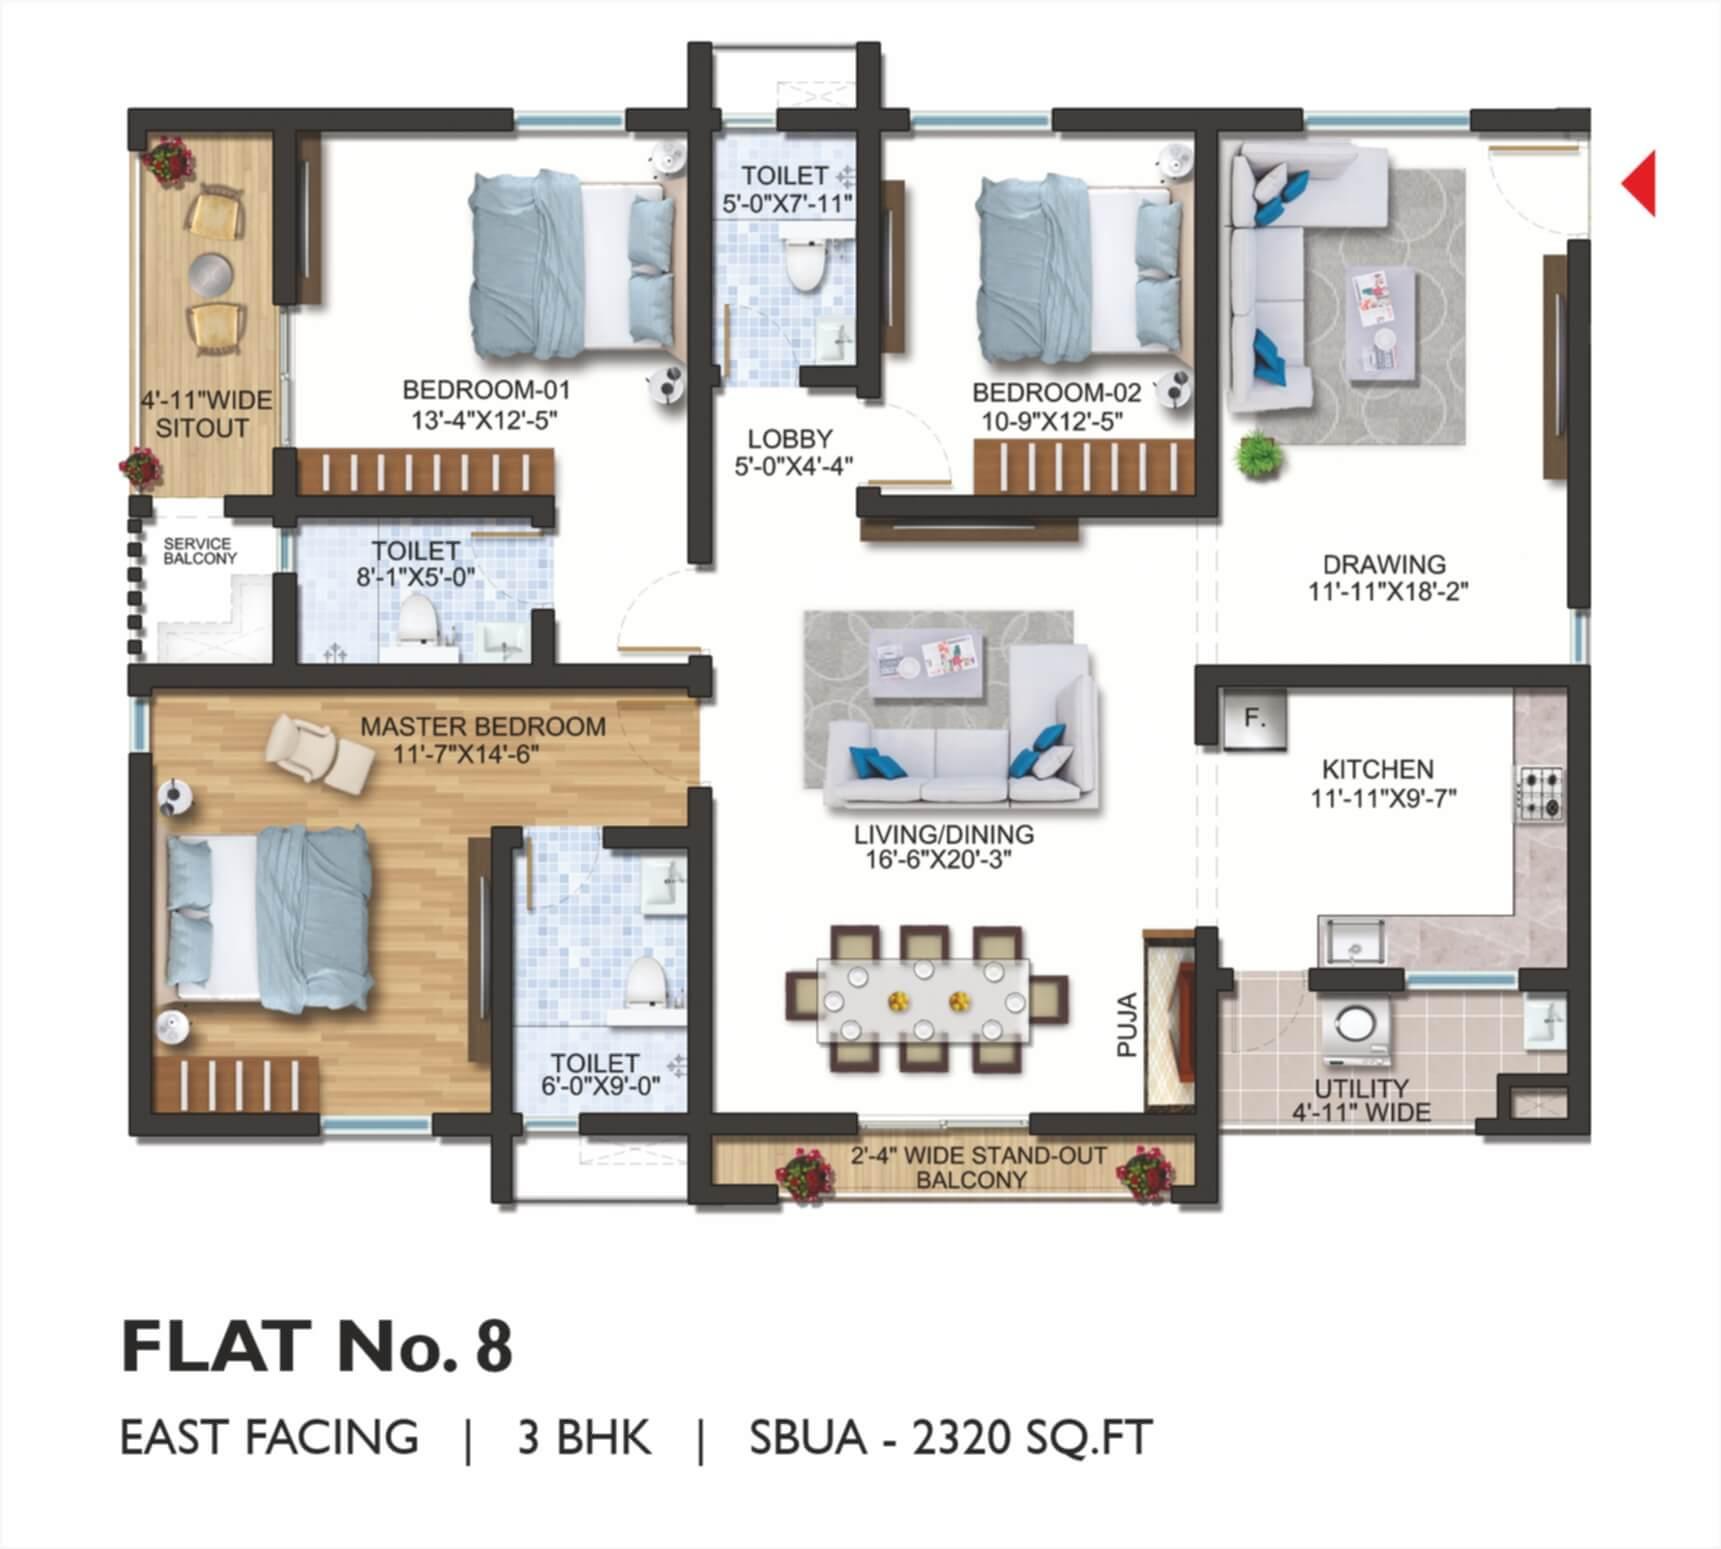 FLAT No. 08